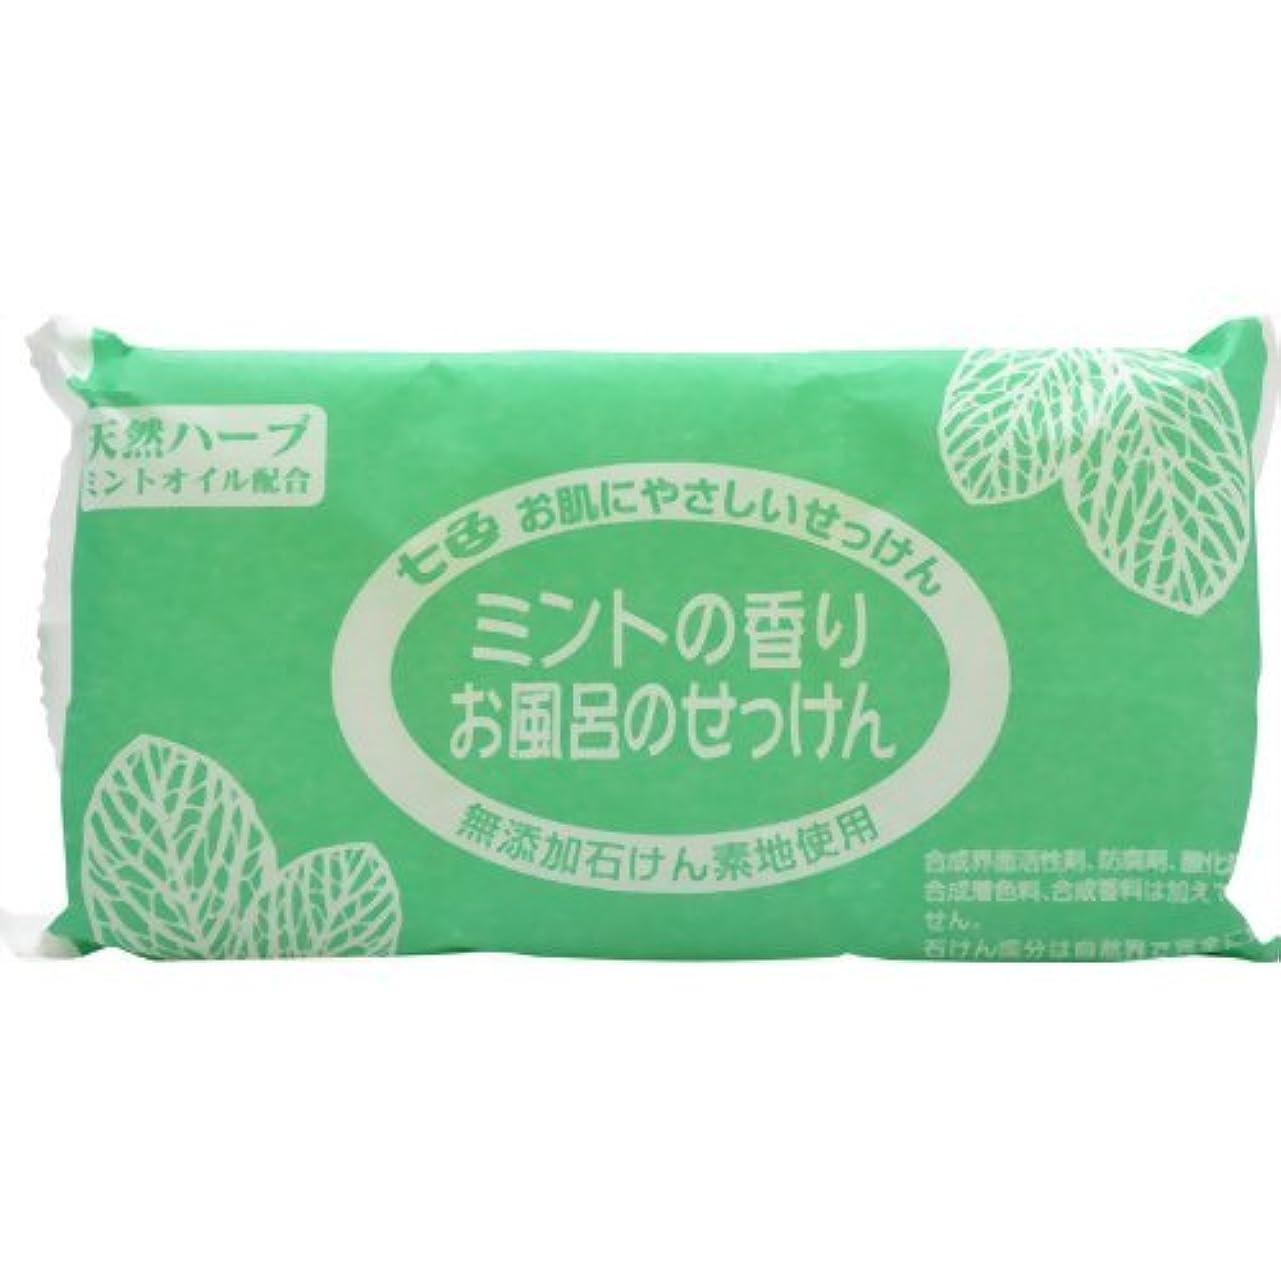 ルネッサンスサーフィン味七色 お風呂のせっけん ミントの香り(無添加石鹸) 100g×3個入